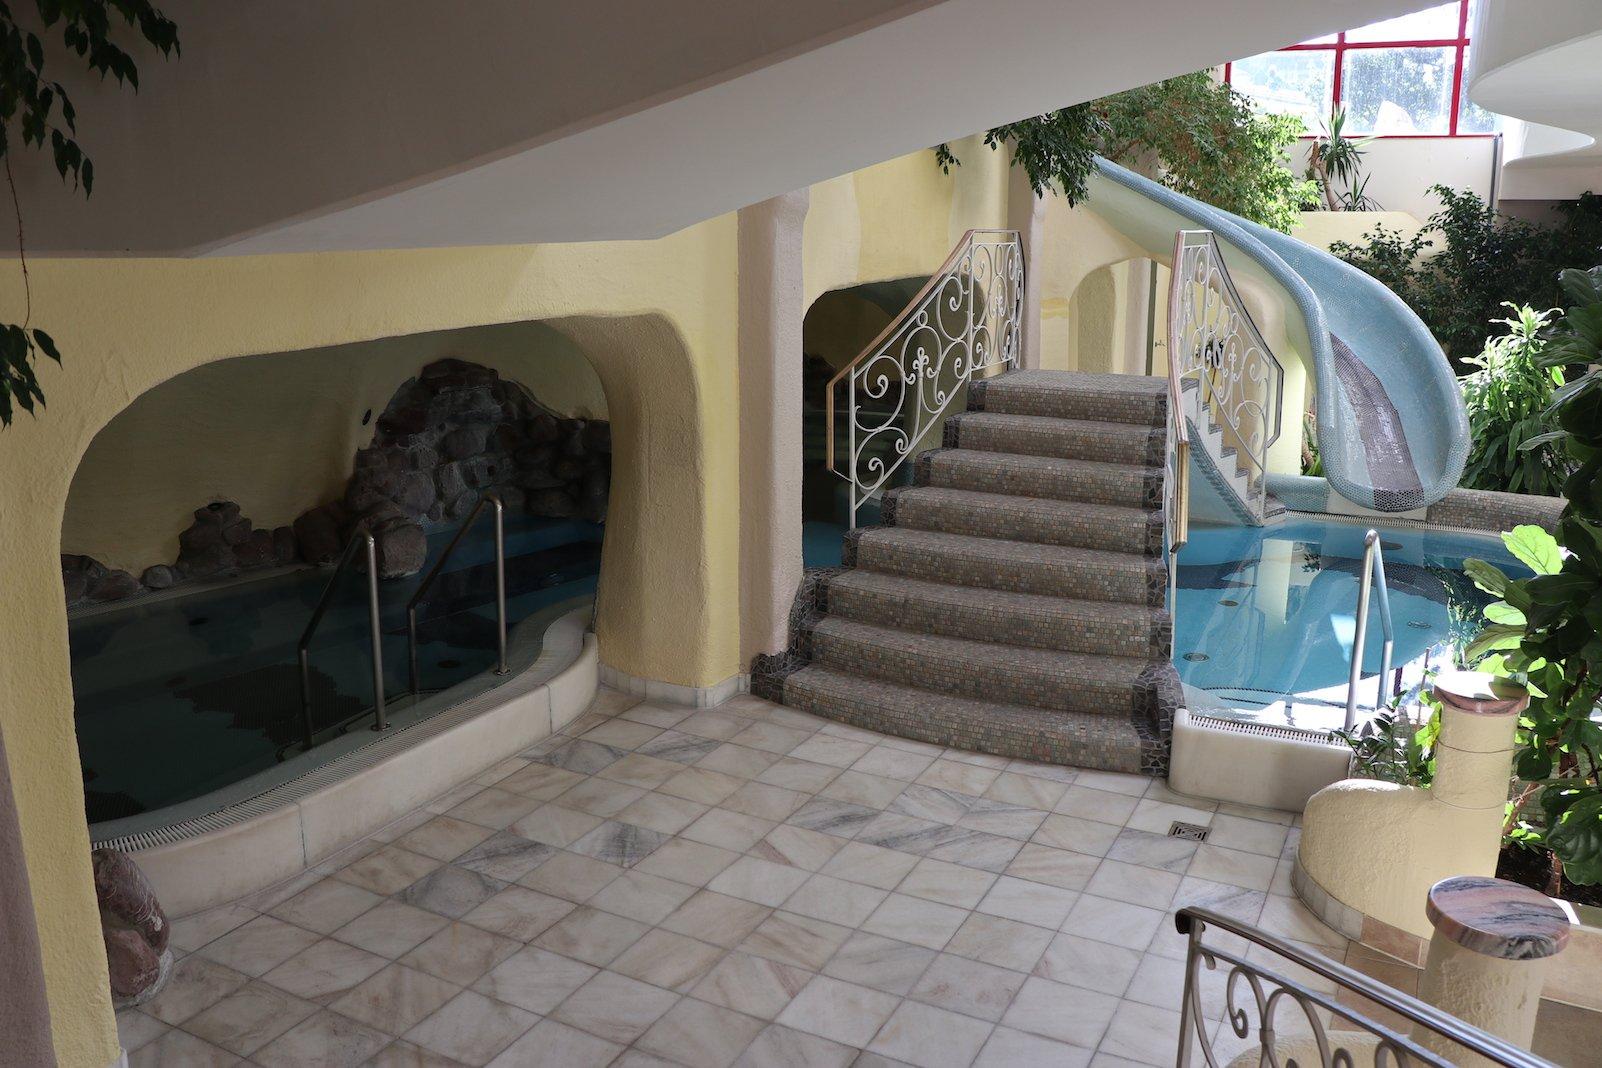 Blick zur Indoorrutsche und Pools